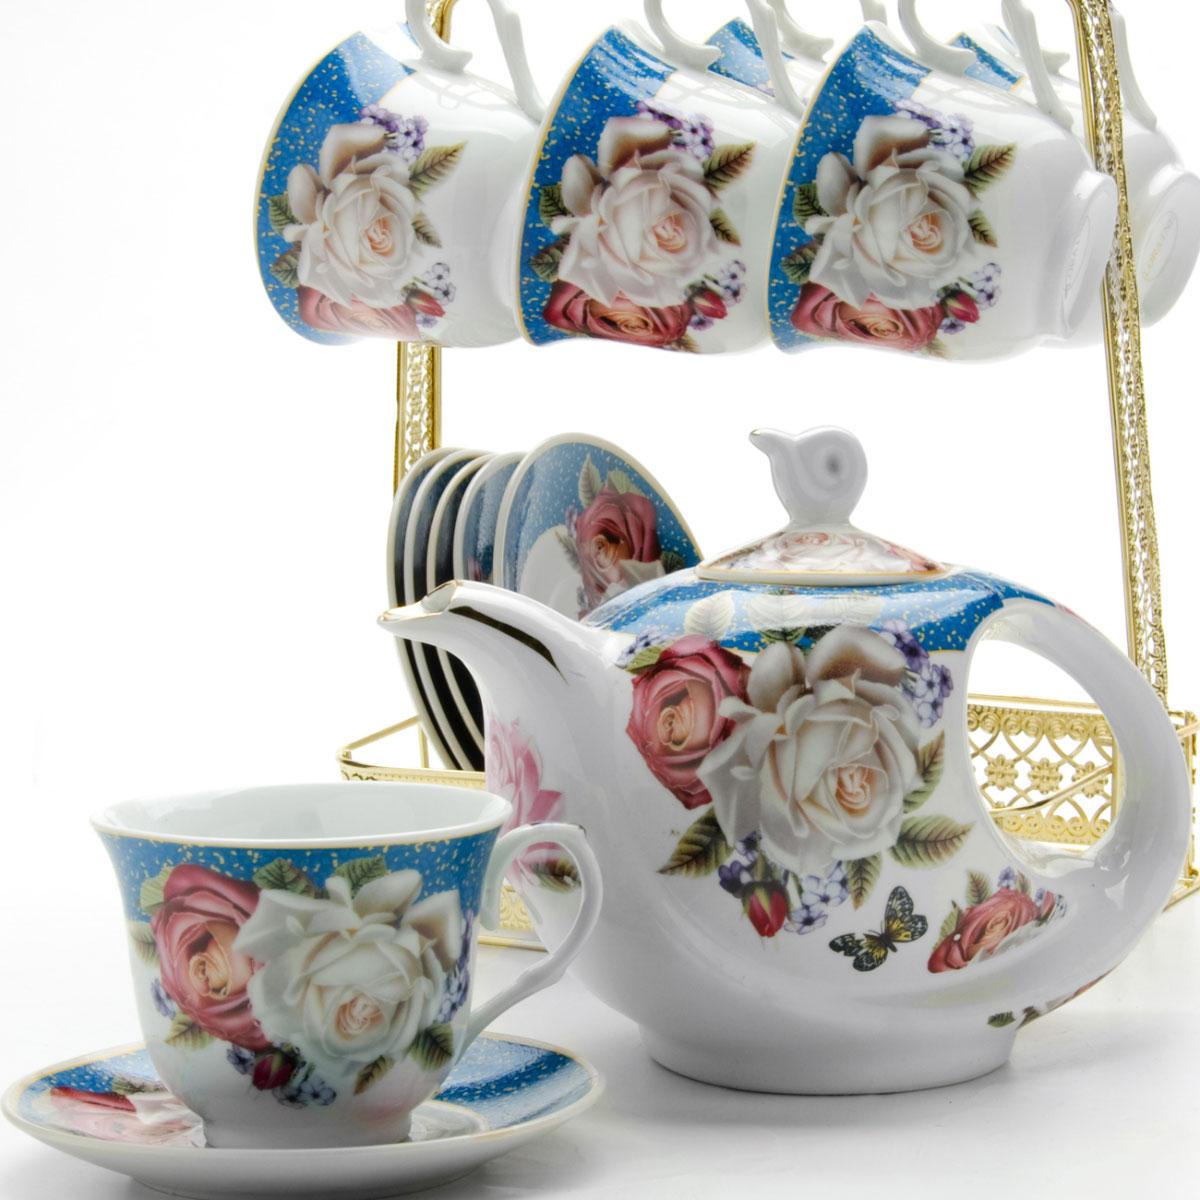 Набор чайный Loraine, на подставке, 15 предметов. 2478624786Чайный набор LORAINE состоит из шести чашек, шести блюдец и заварочного чайника. Предметы набора изготовлены из керамики и оформлены изображением цветов и бабочек. Все предметы располагаются на удобной металлической подставке с ручкой. Элегантный дизайн набора придется по вкусу и ценителям классики, и тем, кто предпочитает утонченность и изысканность. Он настроит на позитивный лад и подарит хорошее настроение с самого утра. Чайный набор LORAINE идеально подойдет для сервировки стола и станет отличным подарком к любому празднику.